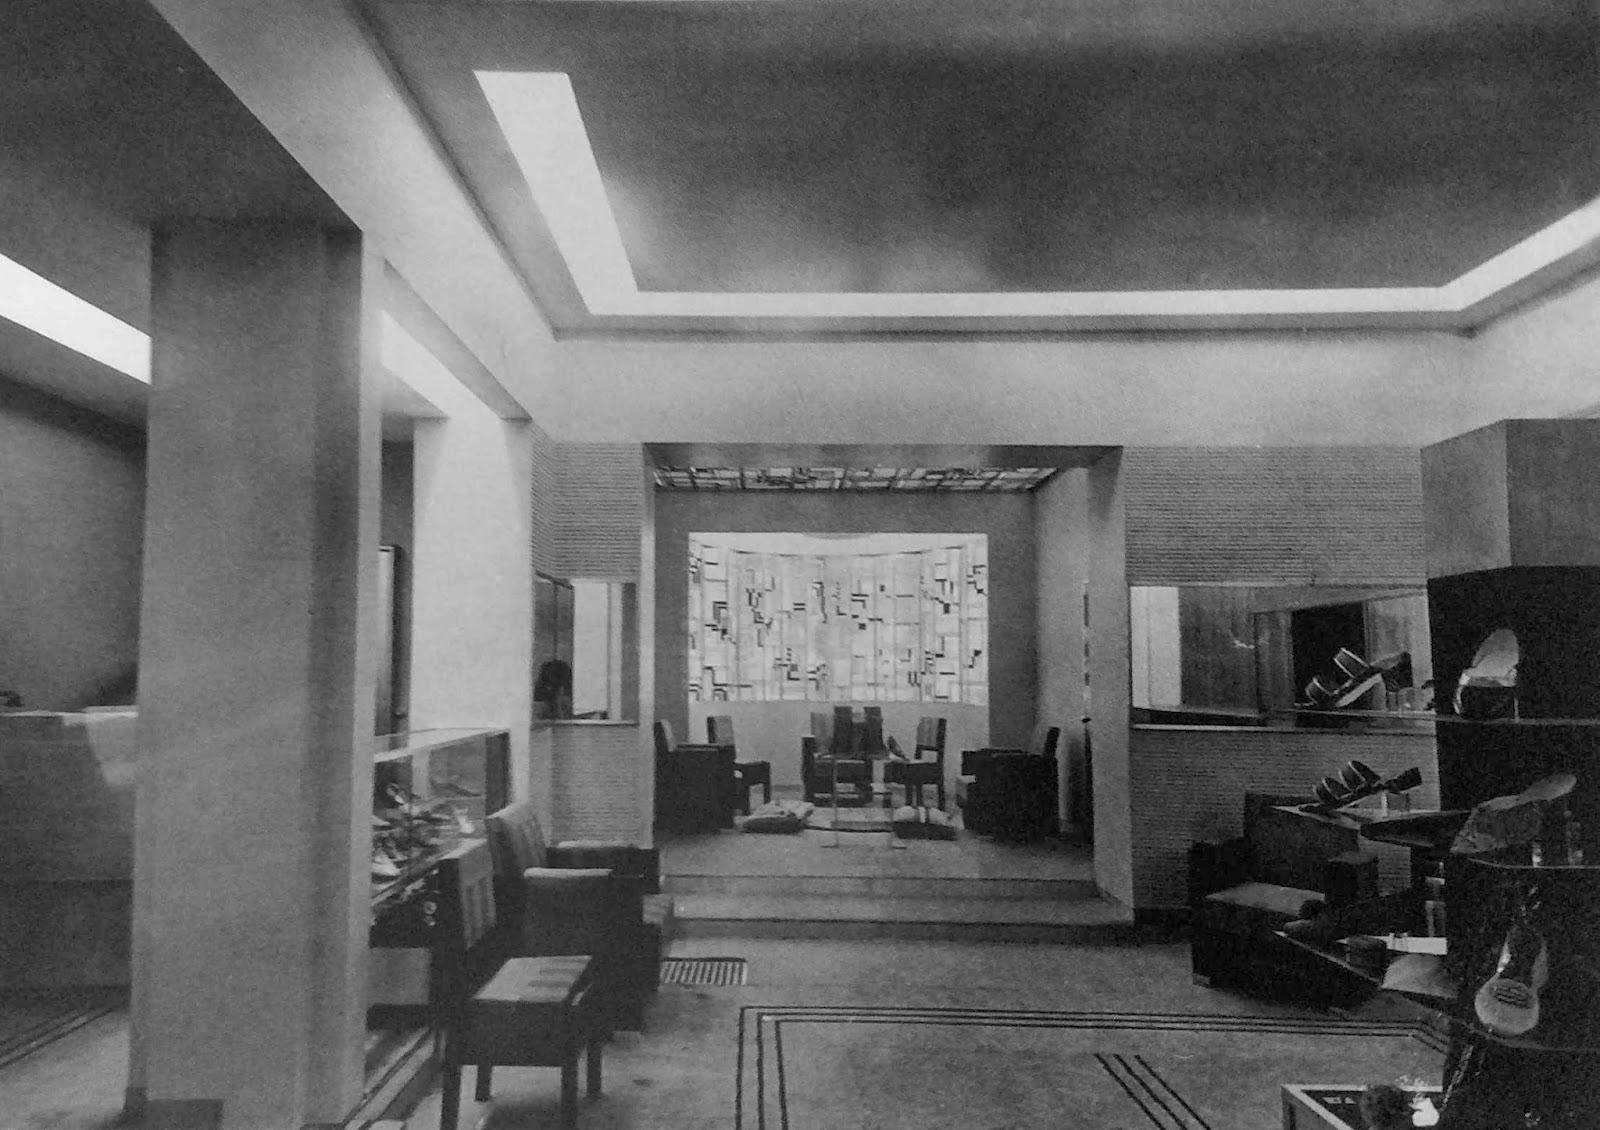 Le blog des amis de la villa cavrois uvre for Interieur 1930